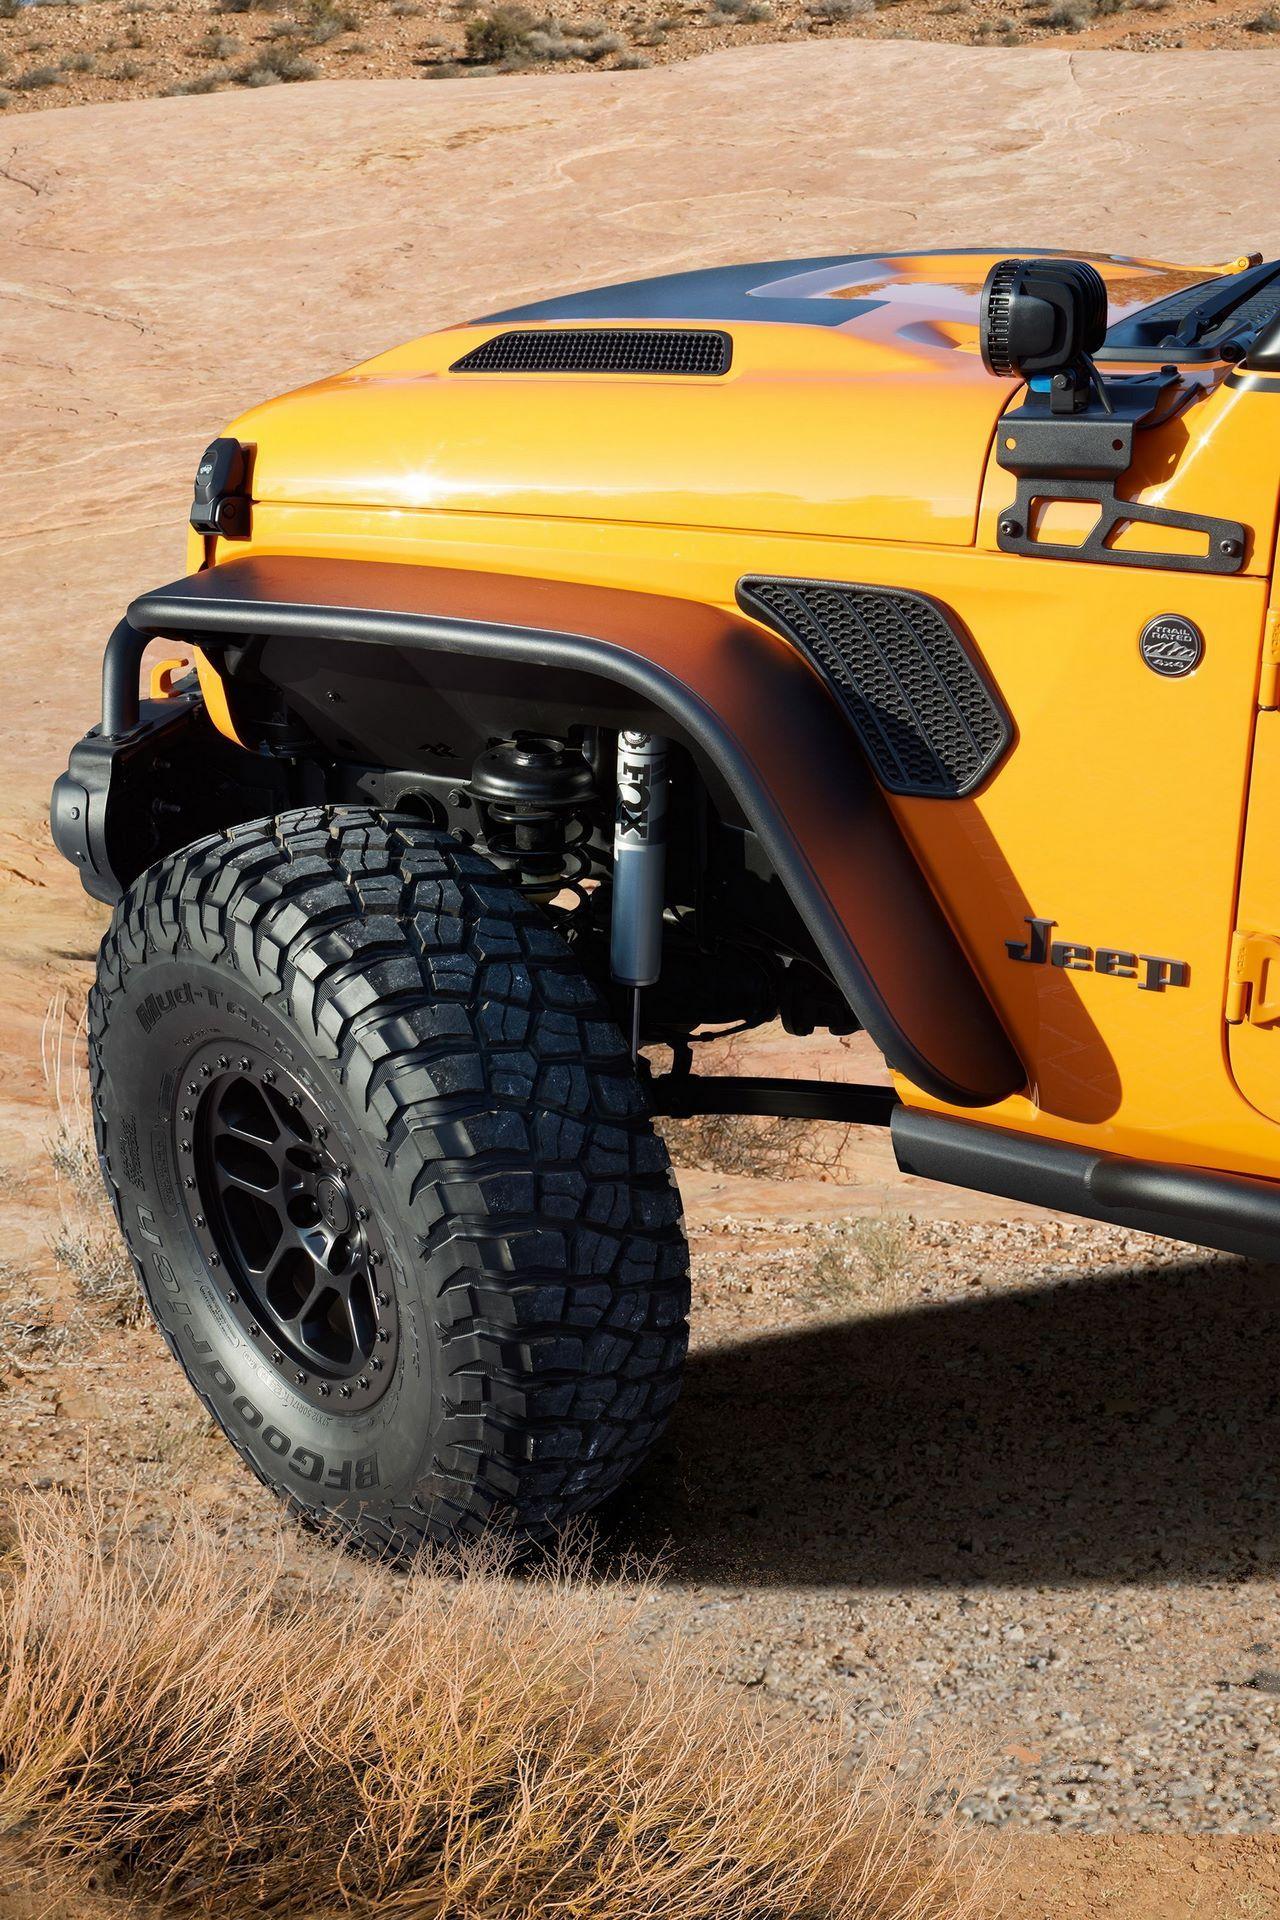 2020-jeep-wrangler-orange-peelz-concept-5